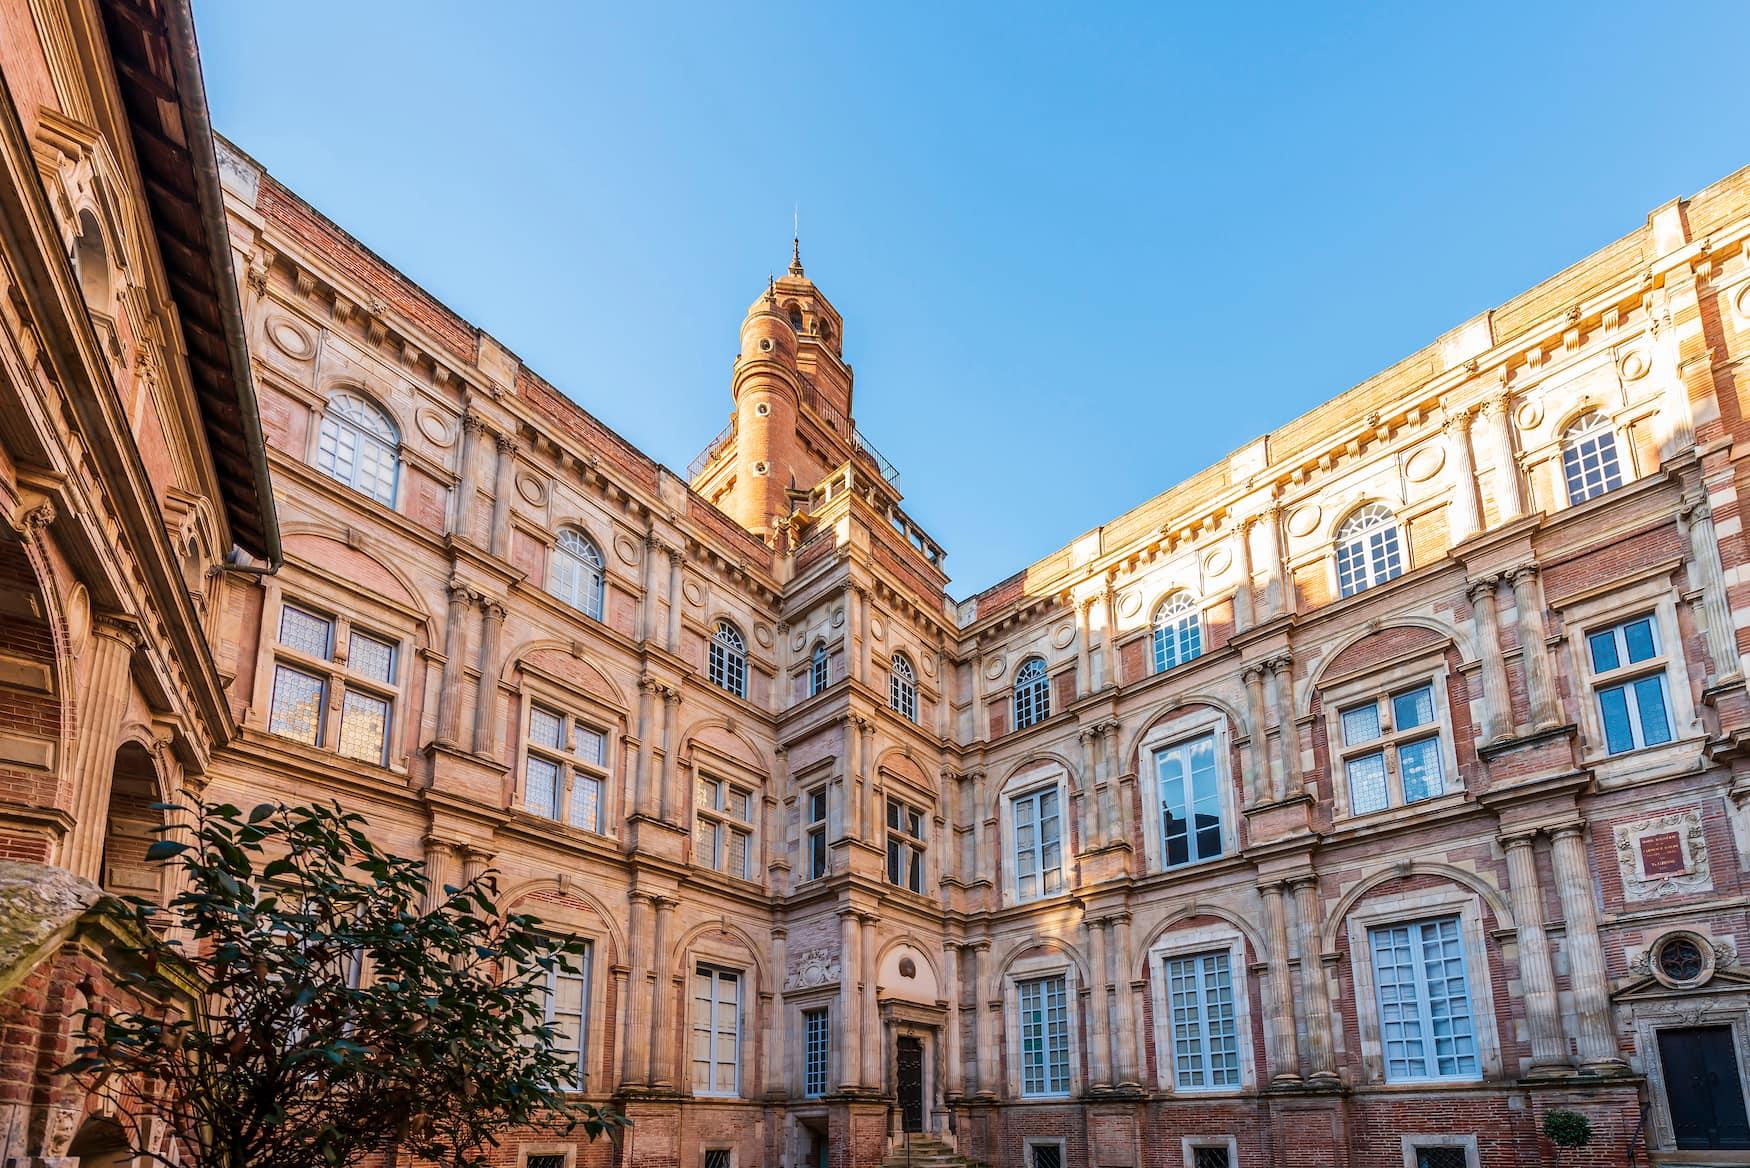 Das Hôtel d'Assézat ist eine der Sehenswürdigkeiten in Toulouse